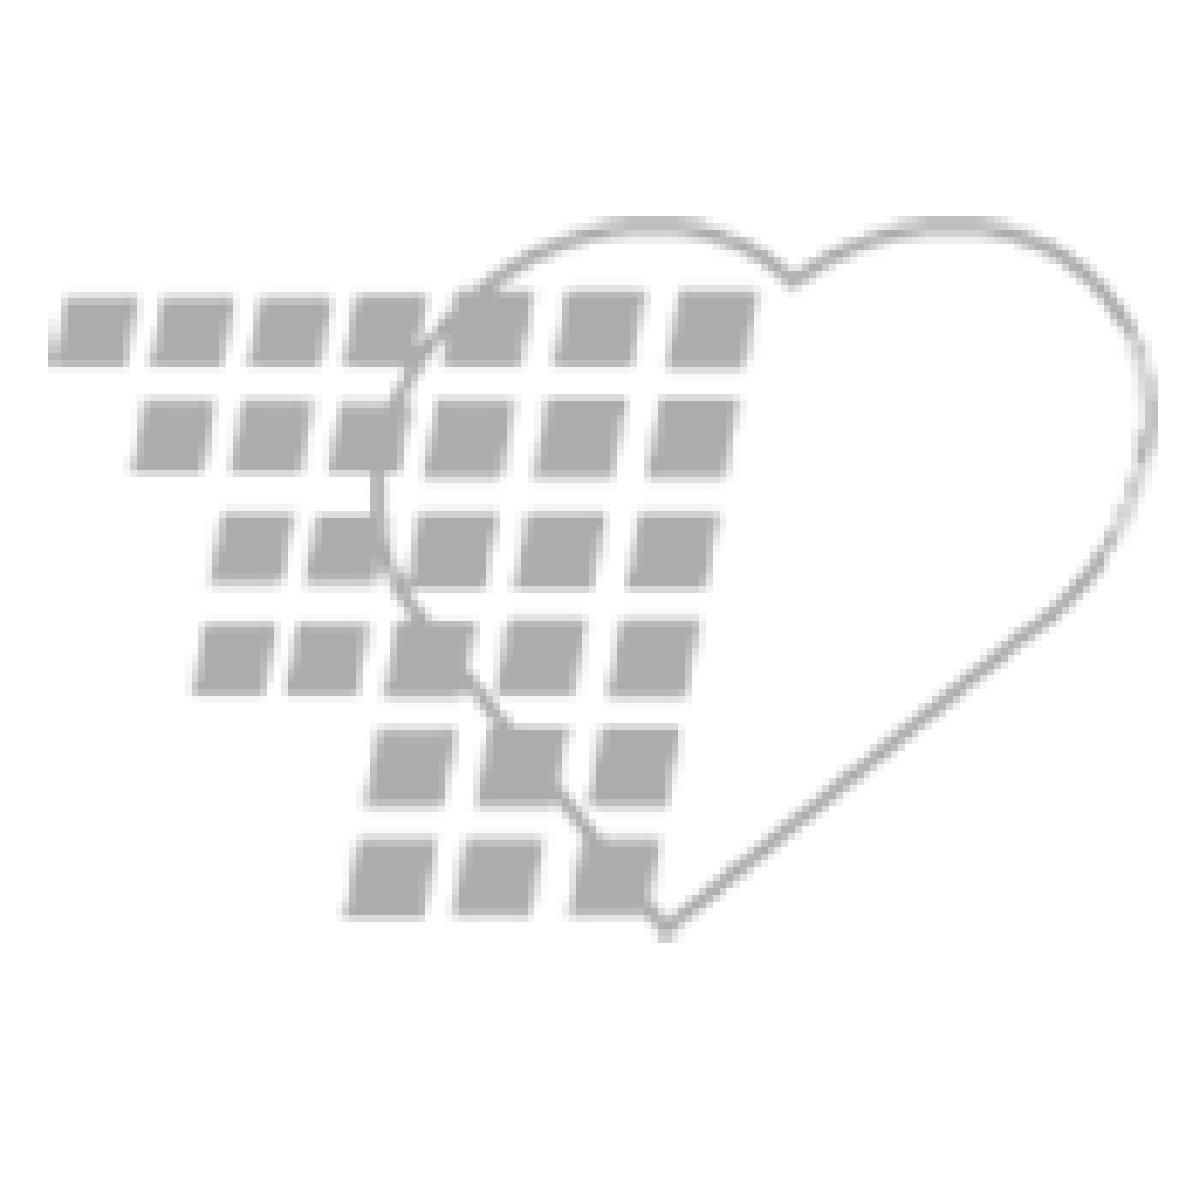 06-93-1441 Demo Dose® Heparn Flush 1,000/10mL